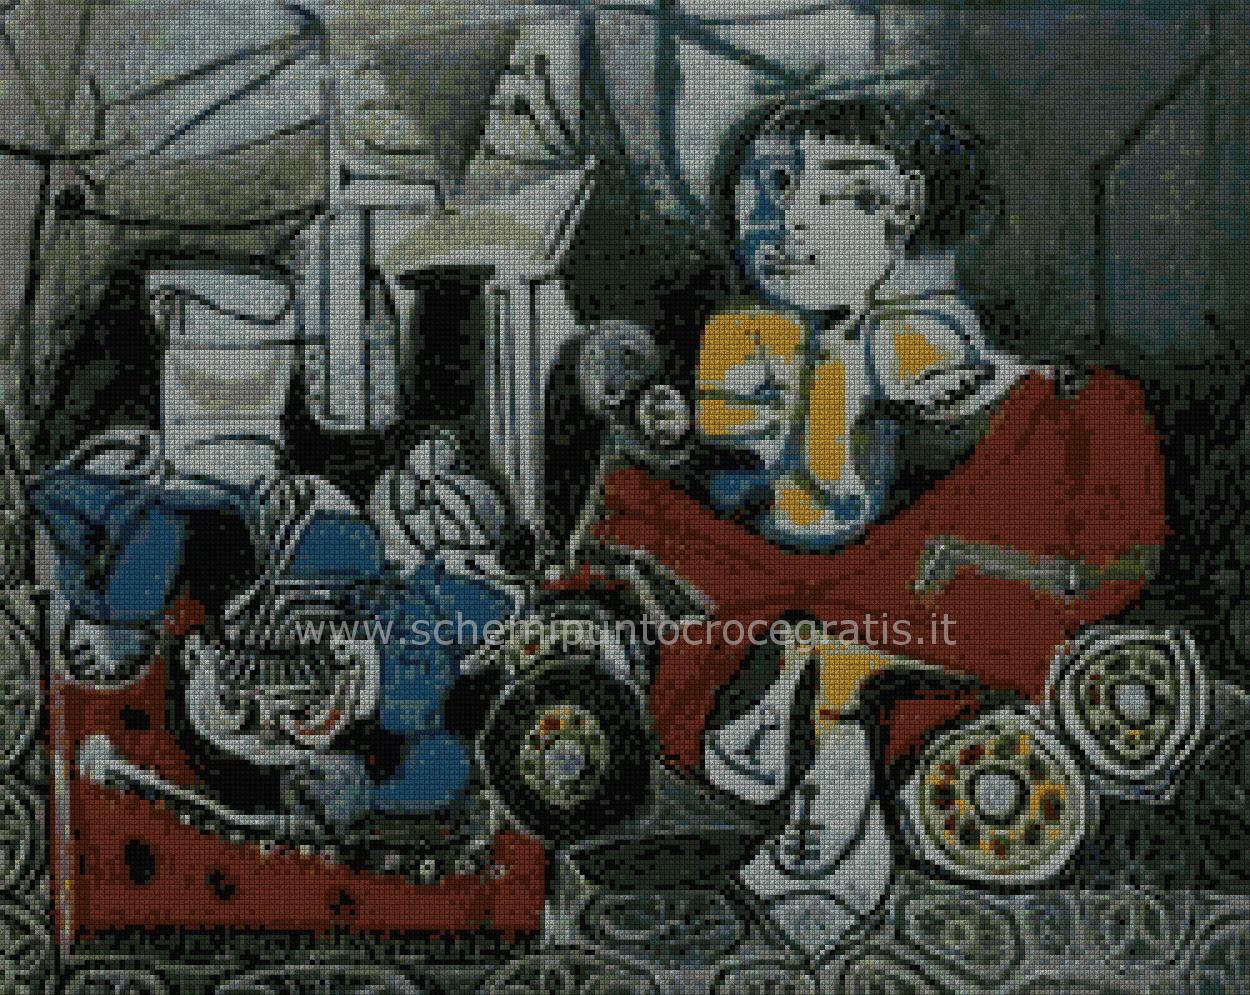 pittori_moderni/picasso/Picasso32.jpg